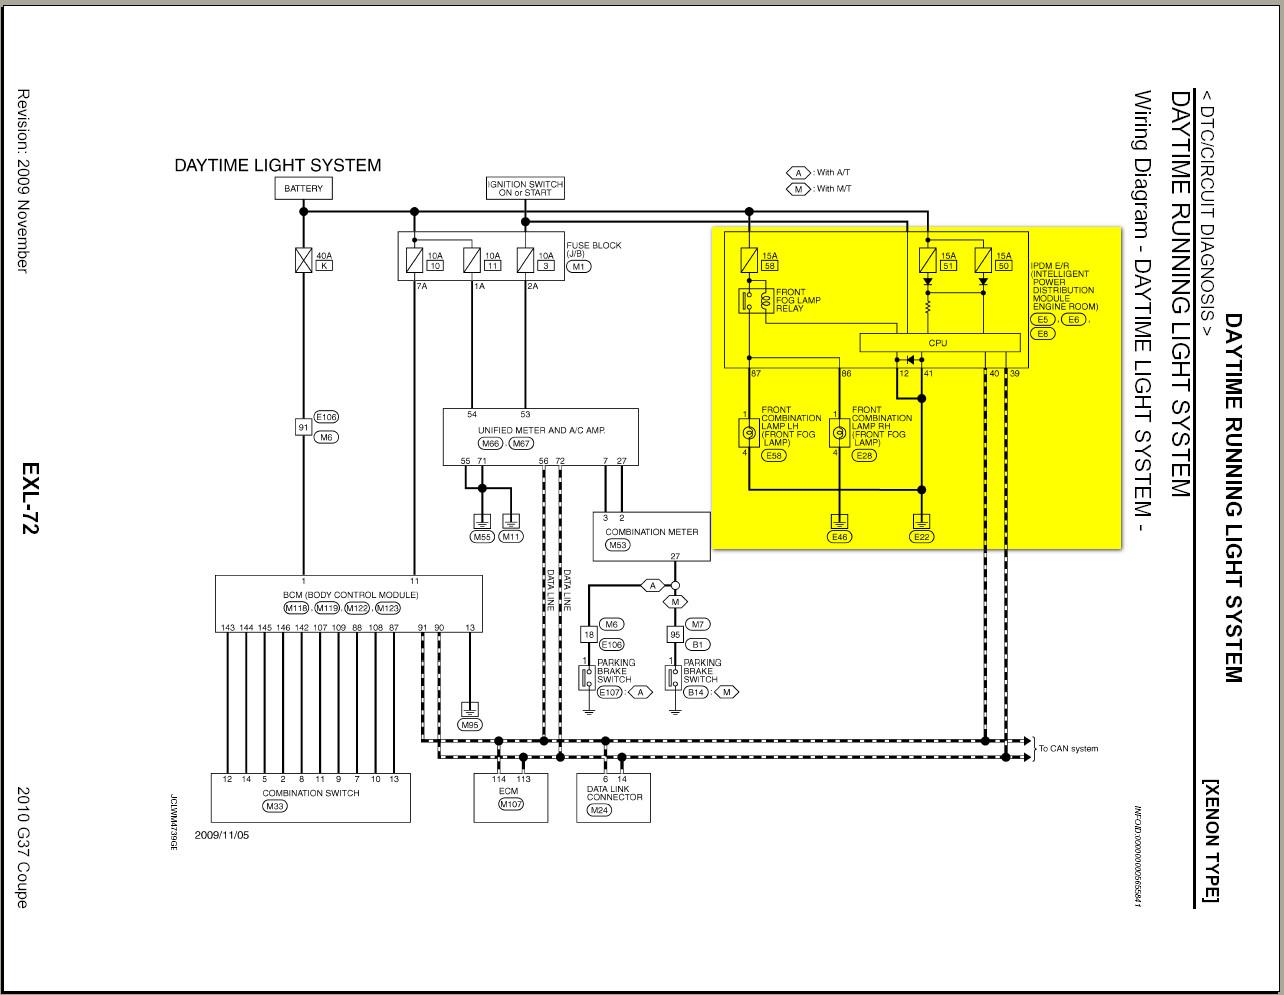 Ks 7457 2011 Infiniti G37 Fuse Diagram Download Diagram